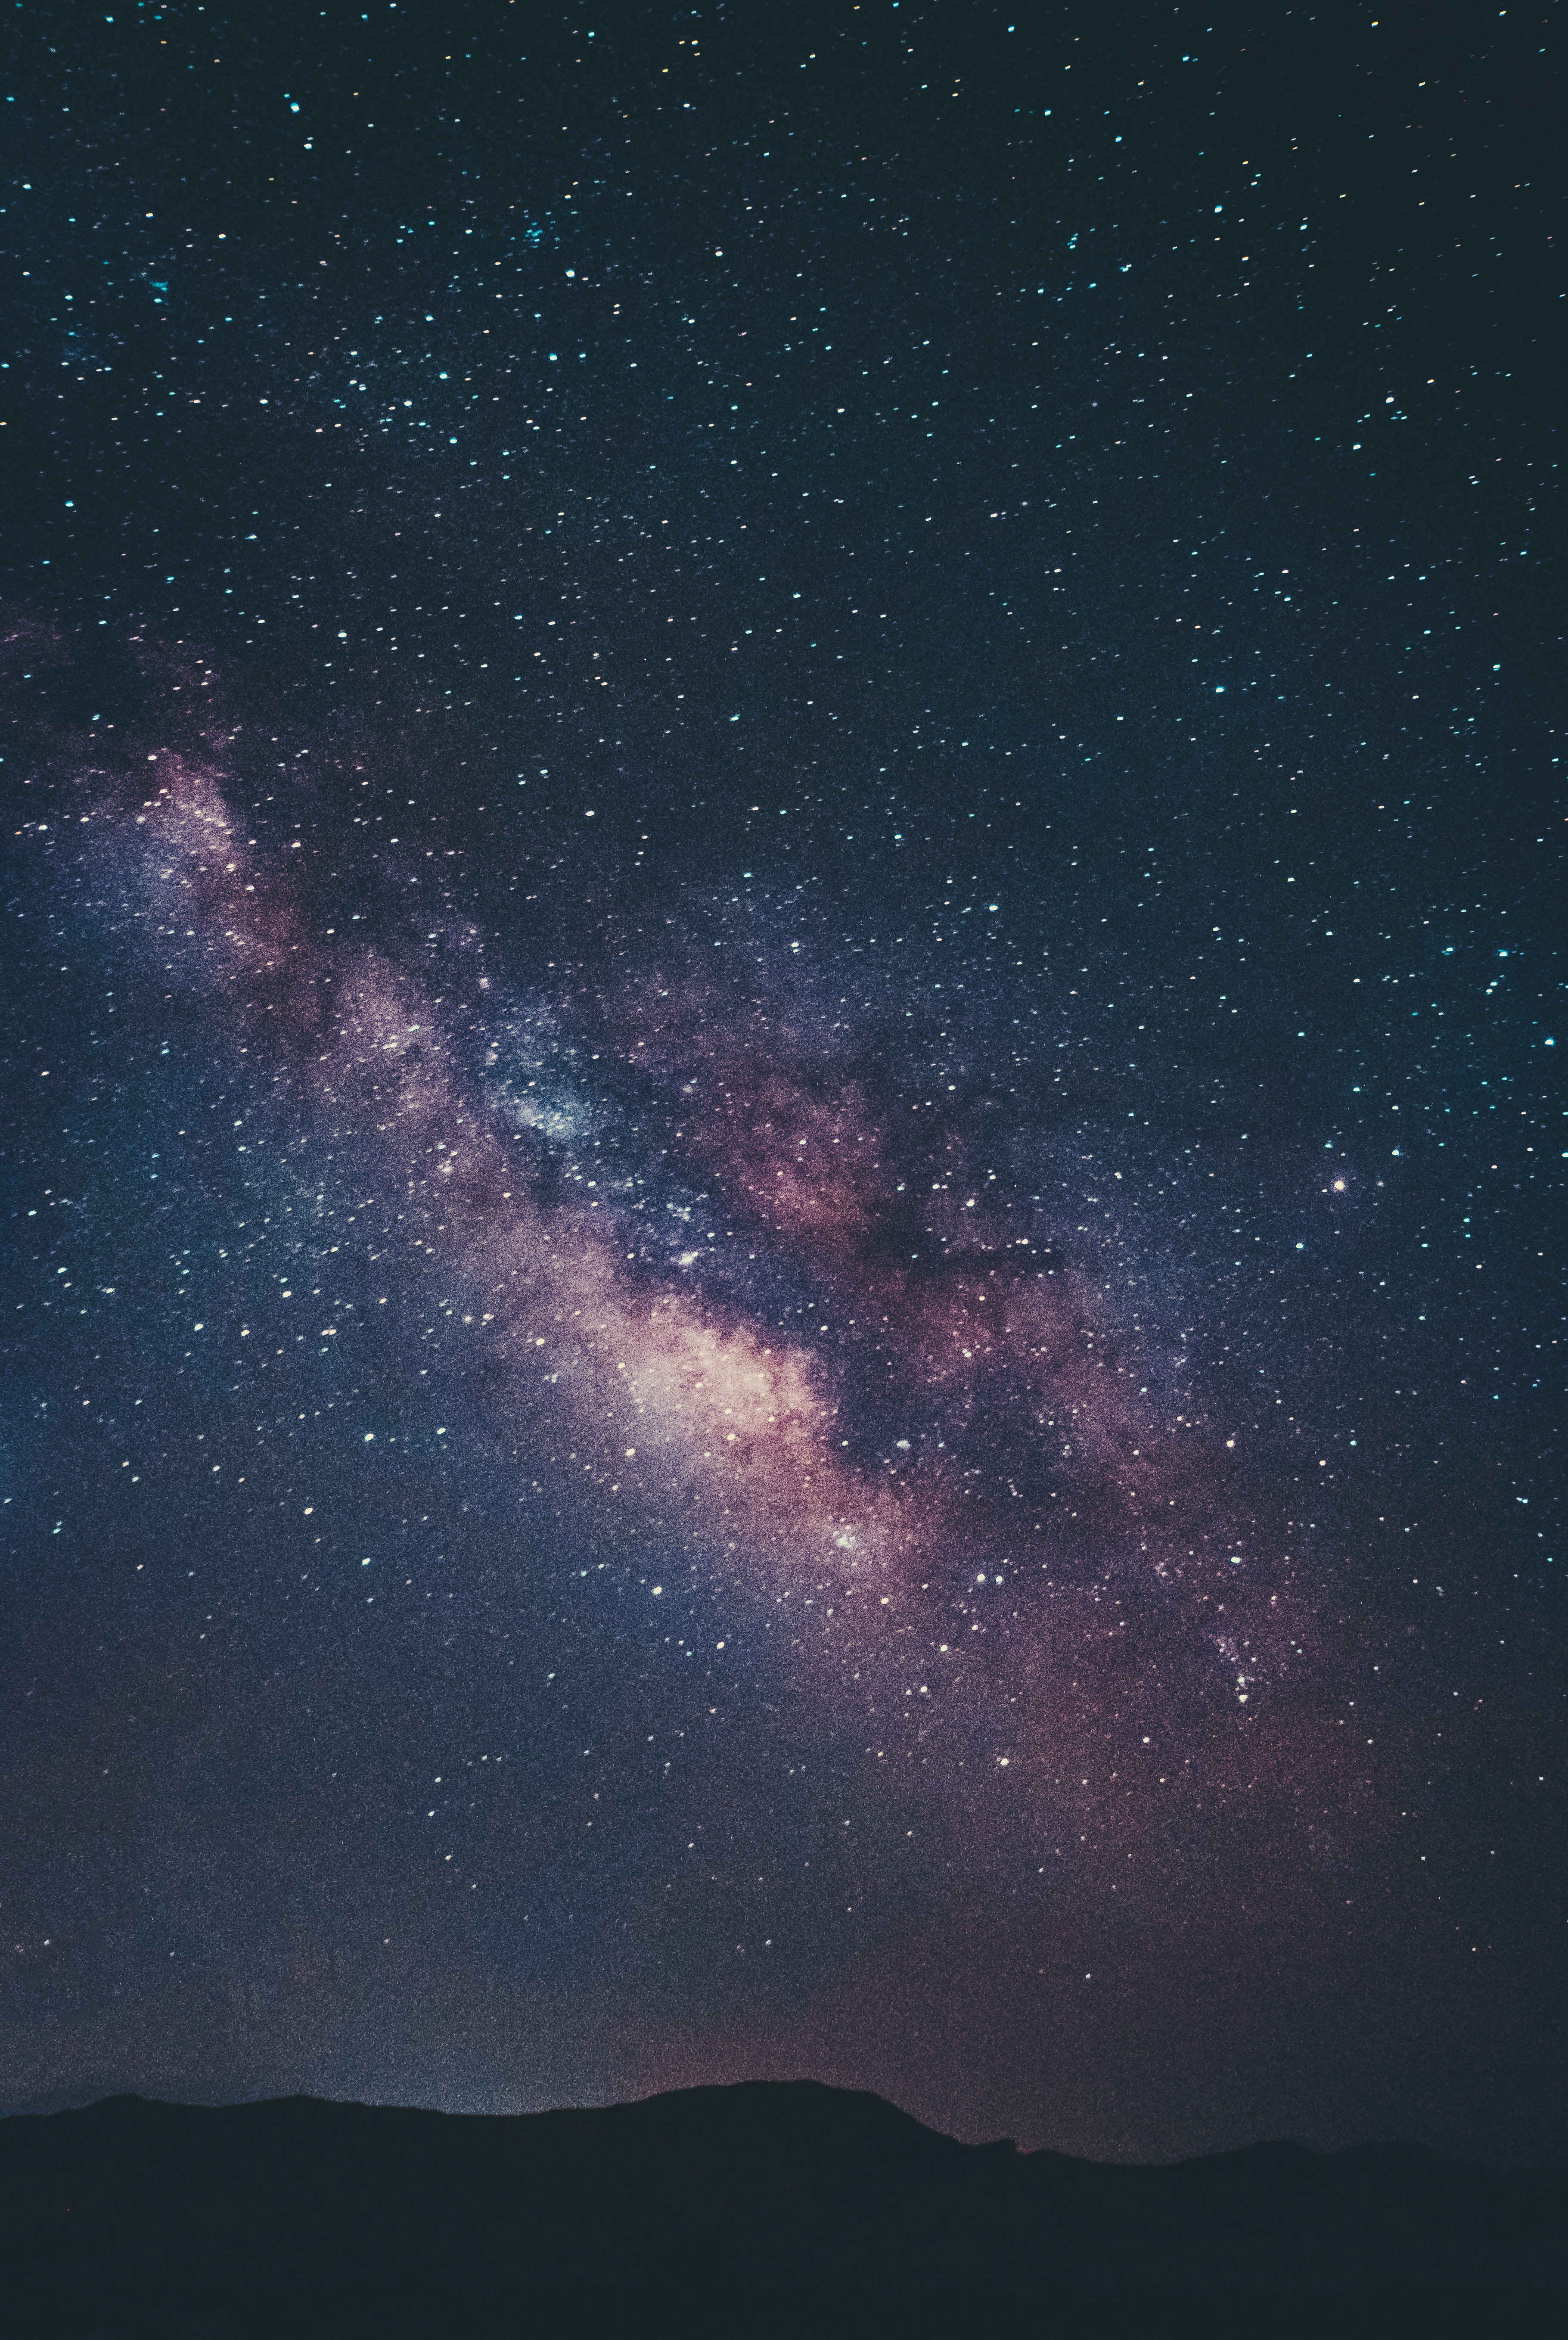 133101 скачать обои Туманность, Звездное Небо, Холмы, Ночь, Звезды, Космос - заставки и картинки бесплатно